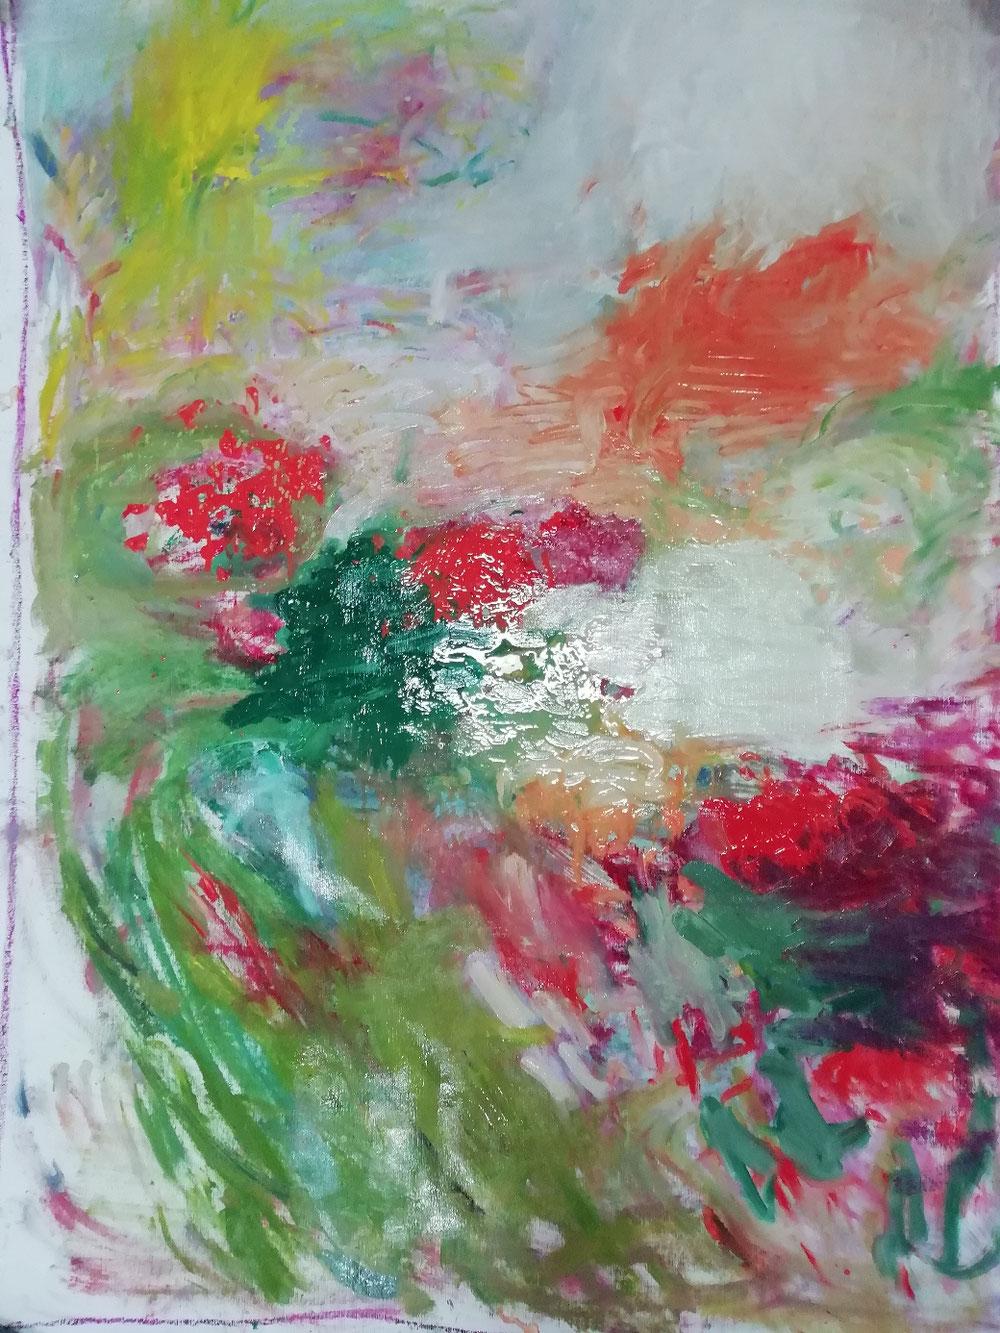 Le printemps huile sur toile 110 x 81